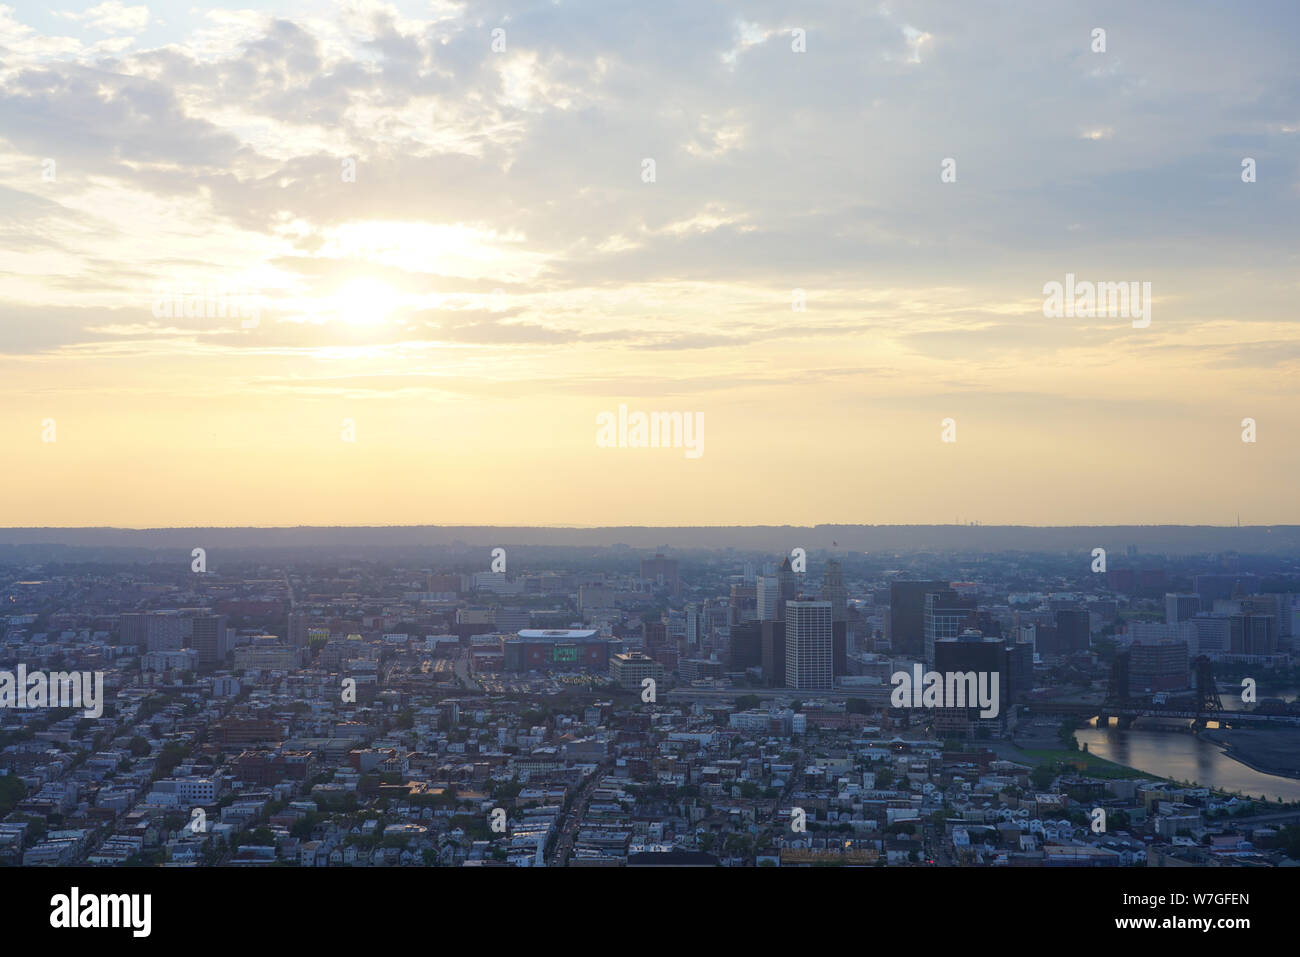 Newark Nj Skyline Stock Photos & Newark Nj Skyline Stock